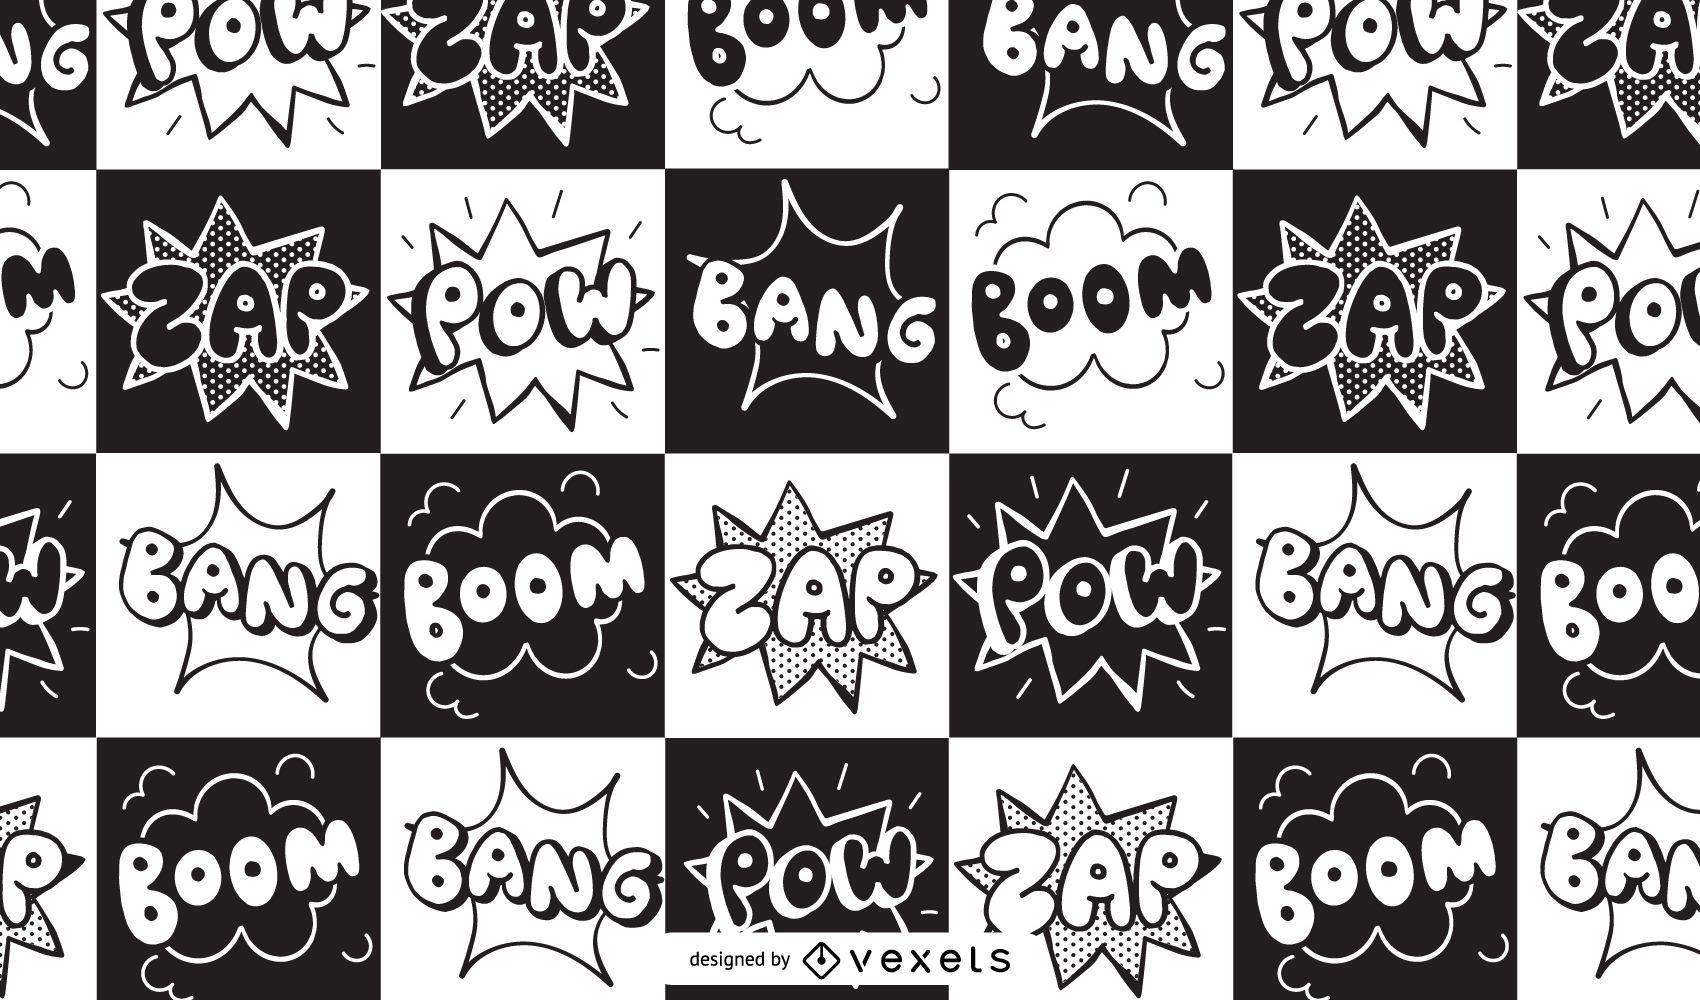 Diseño de patrón de cómic Boom Zap